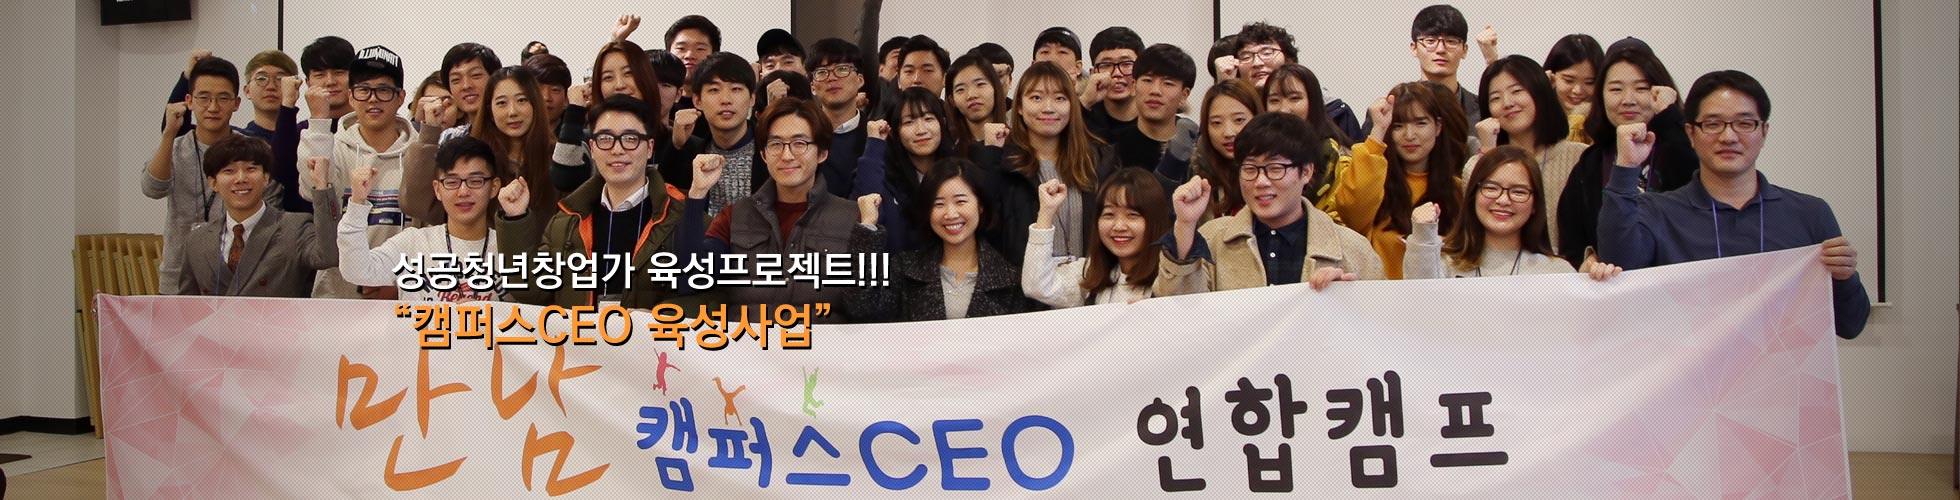 성공청년창업가 육성프로젝트!!! 캠퍼스CEO사업